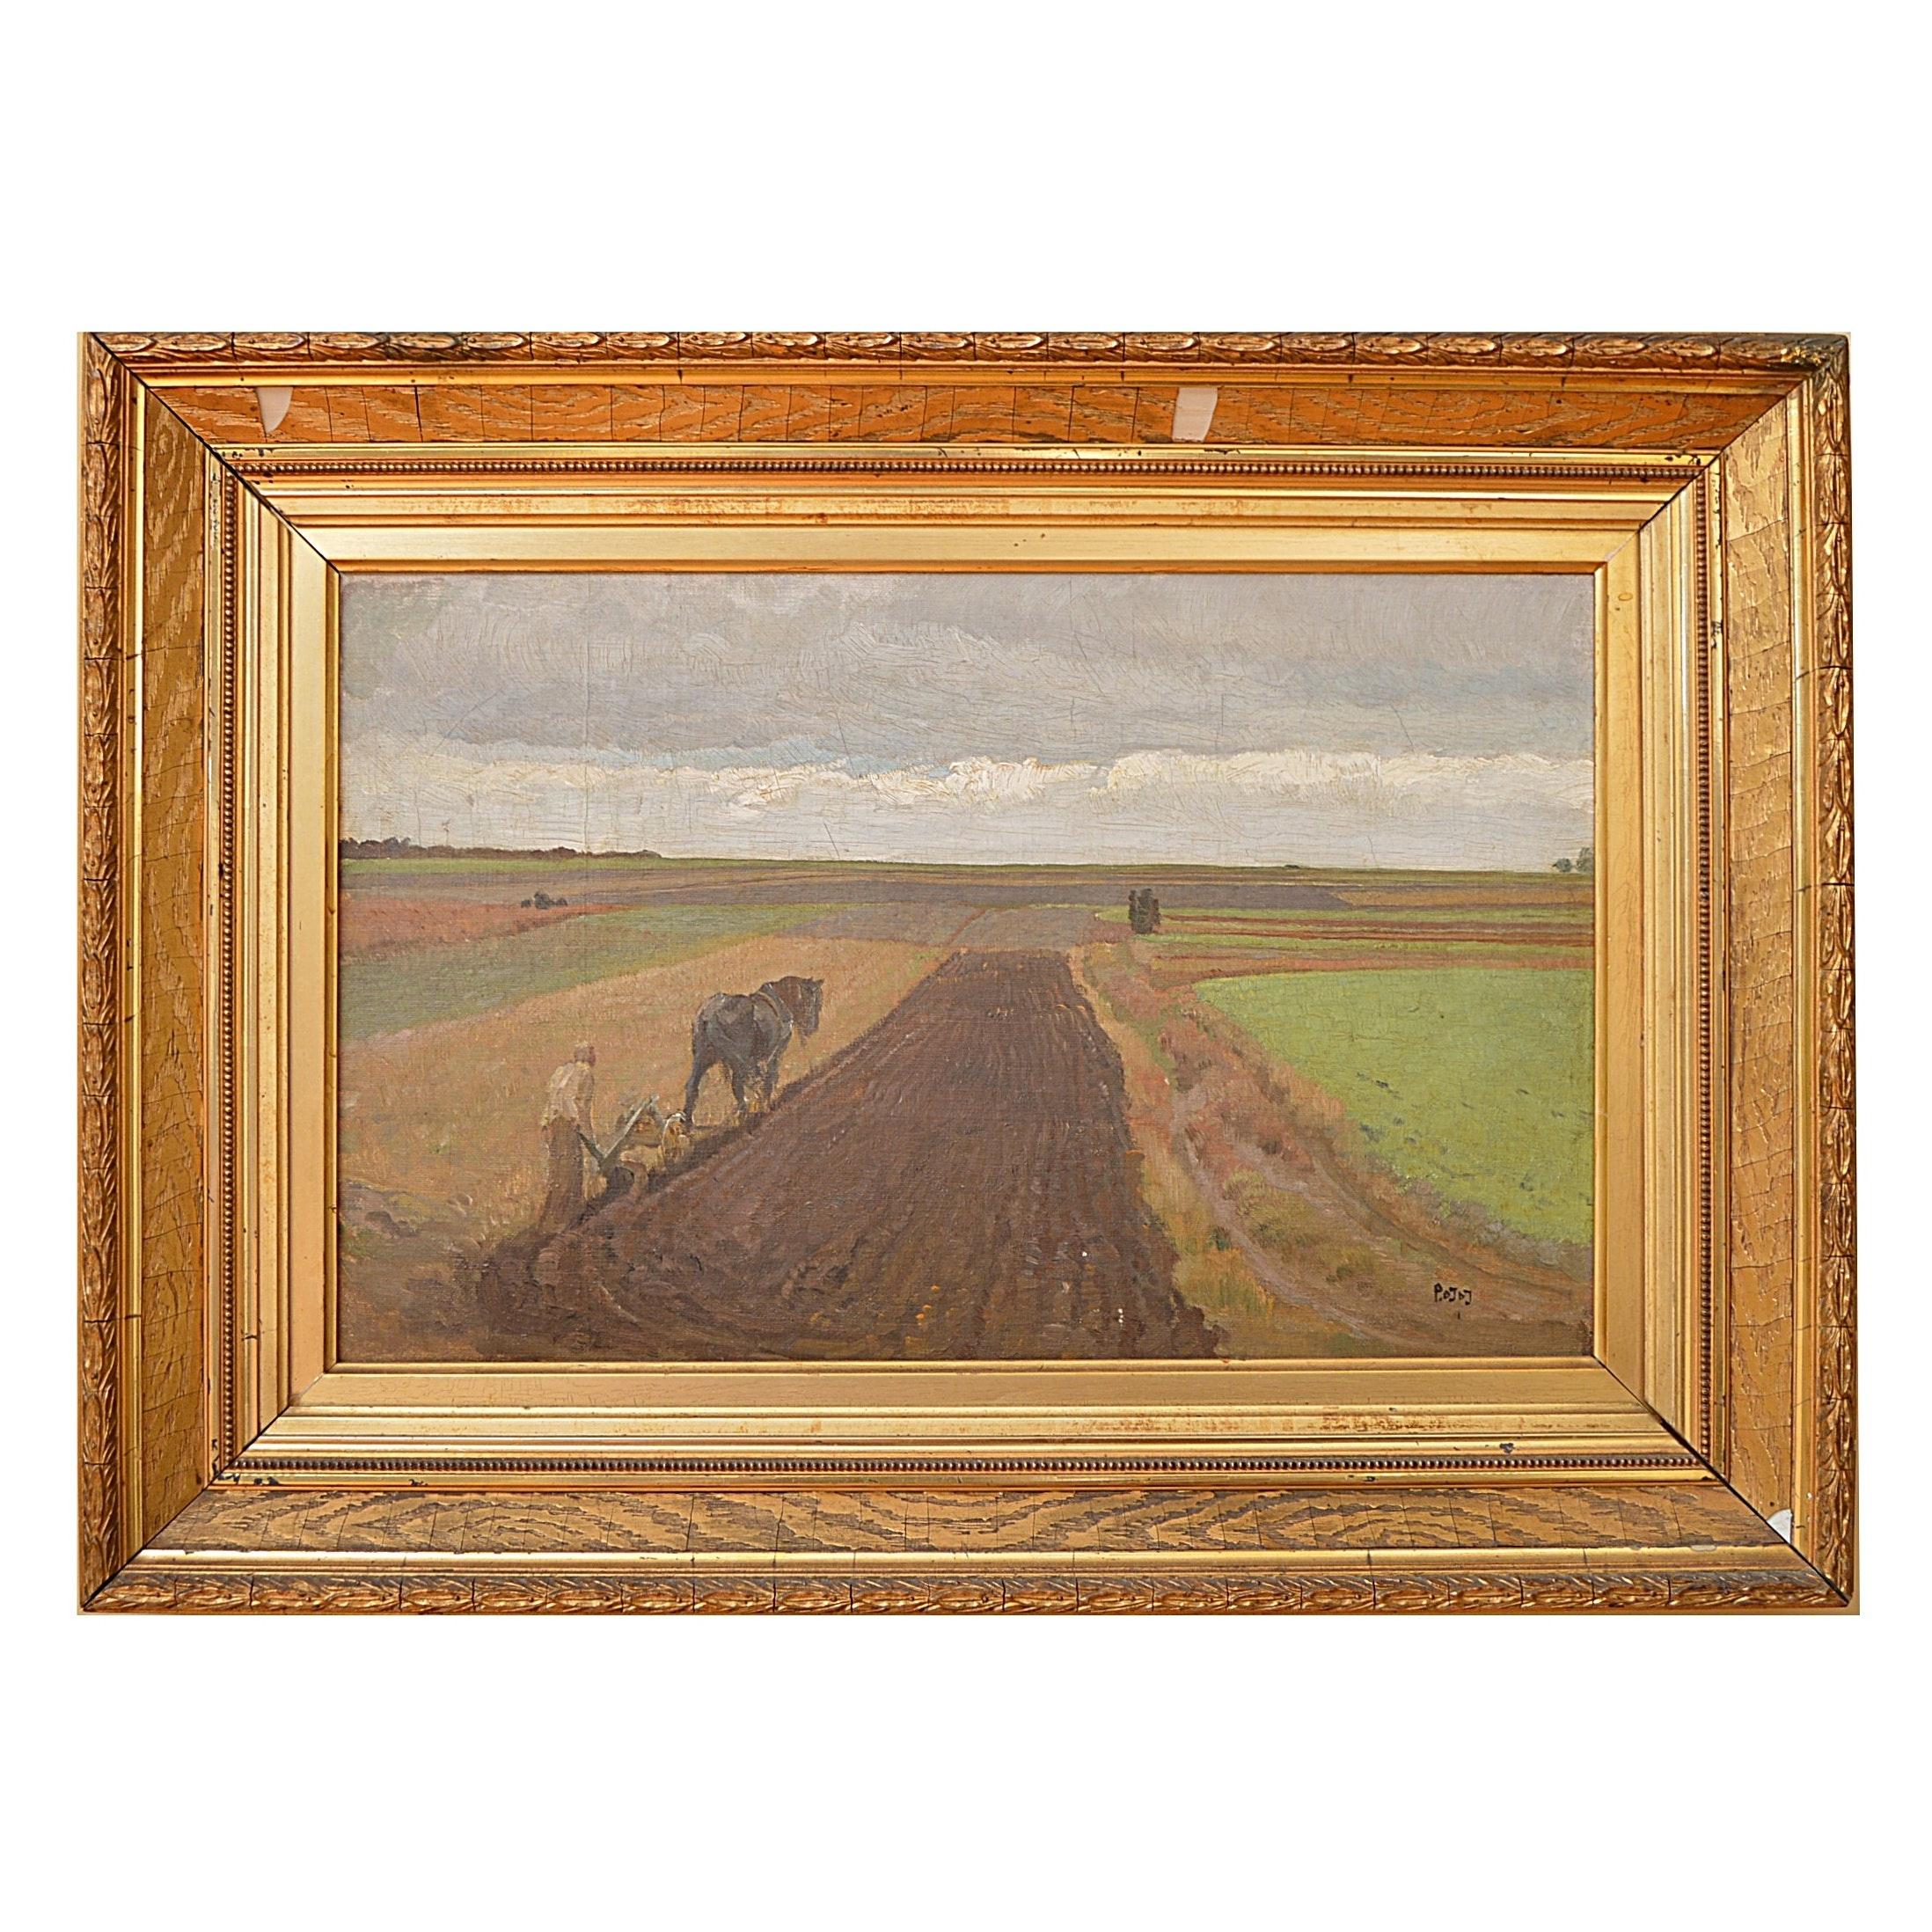 """Oil Painting Attributed to Pieter de Josselin de Jong """"Ploegen"""""""